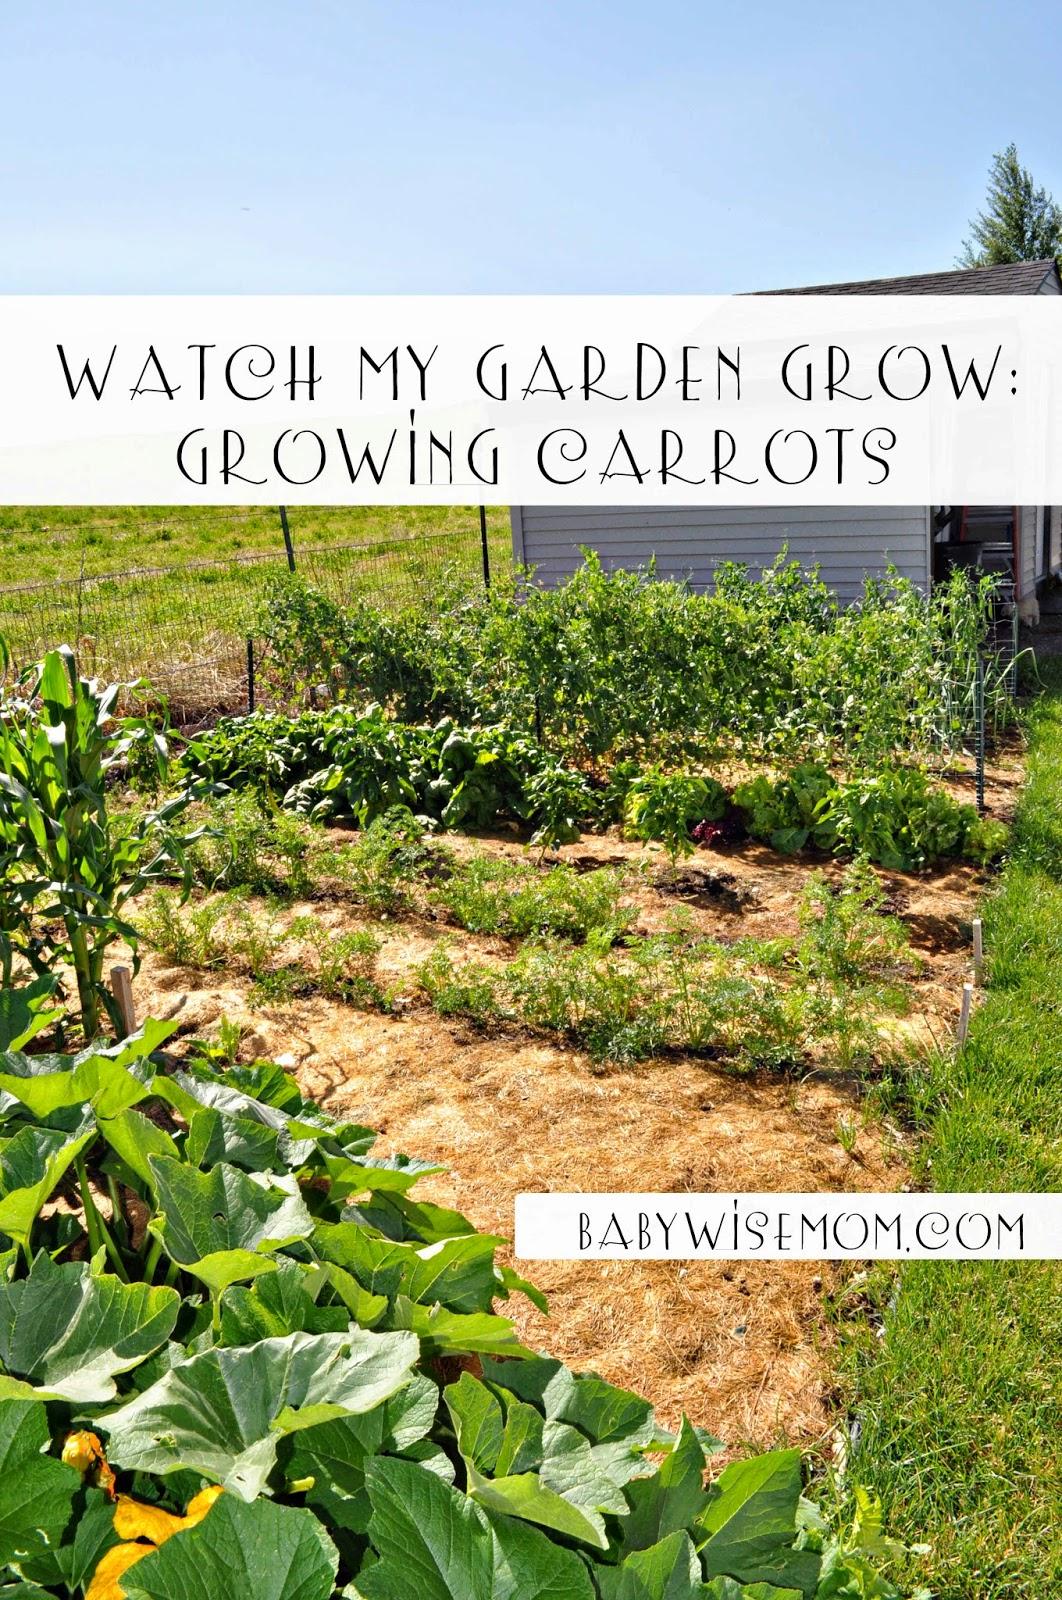 Growing Carrots {Watch My Garden Grow Series}